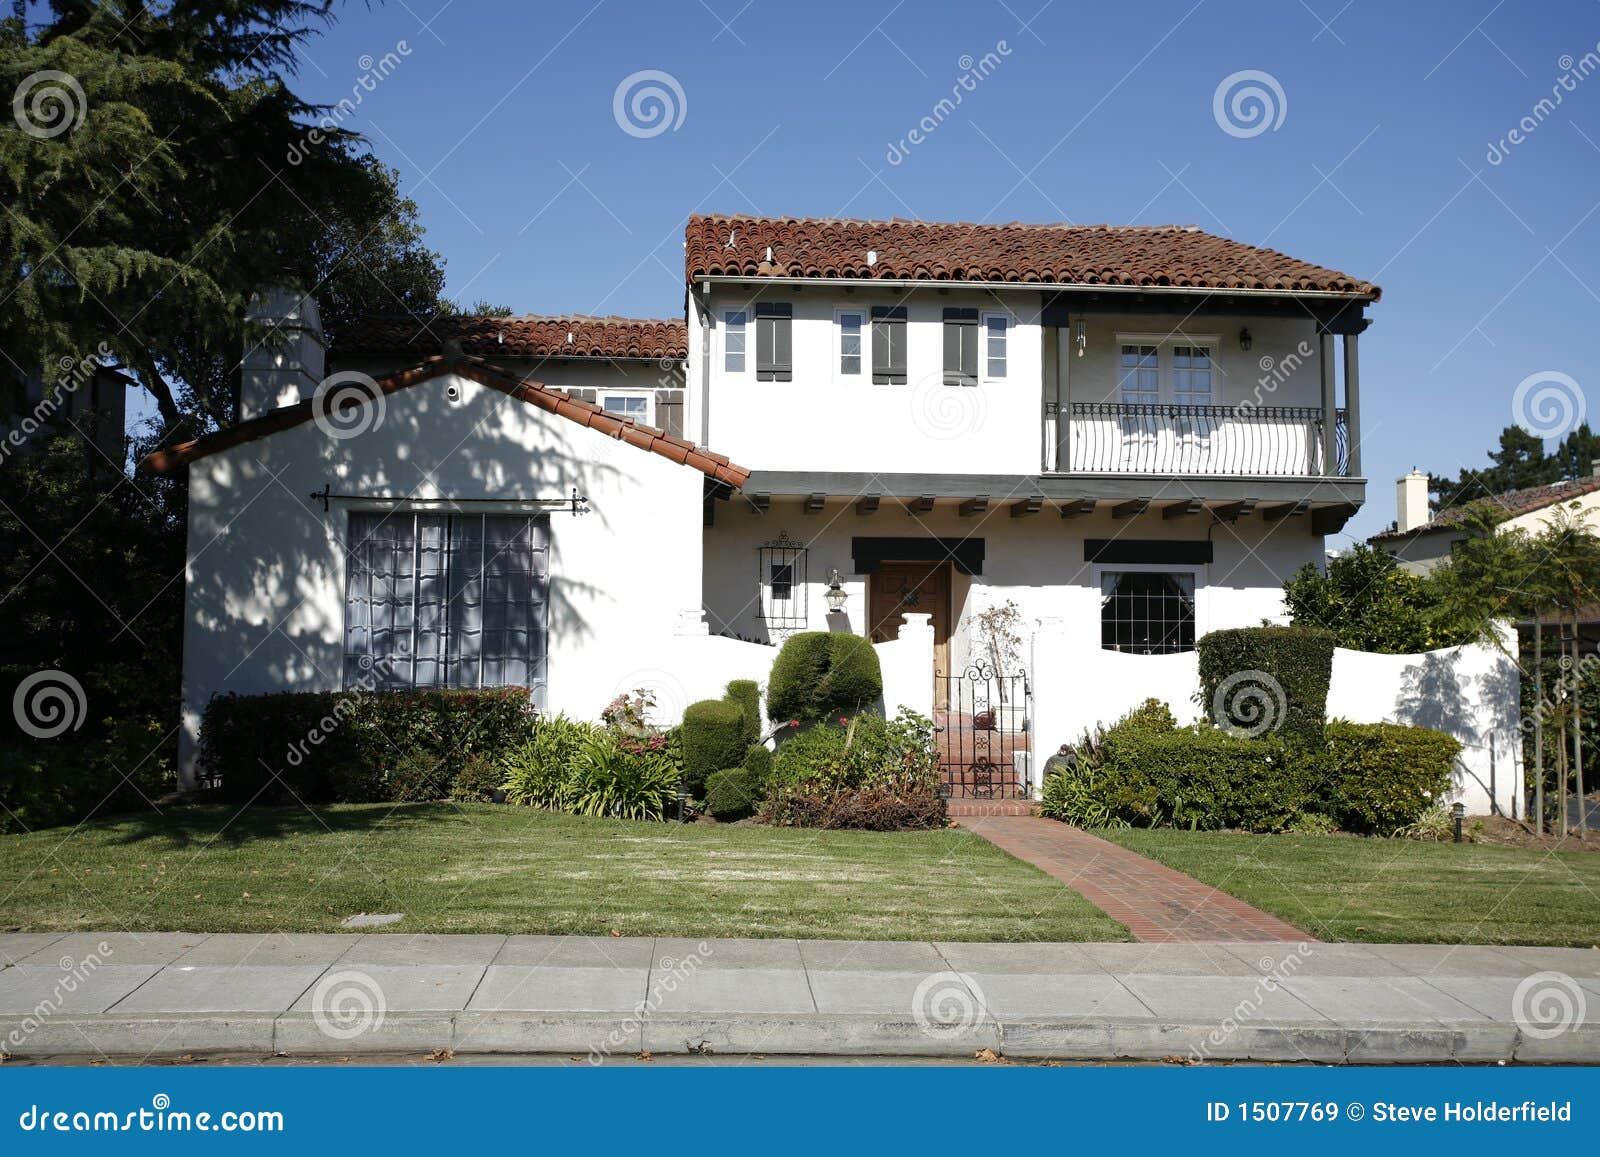 HOME clássica na península do sul de Califórnia de San Francisco.